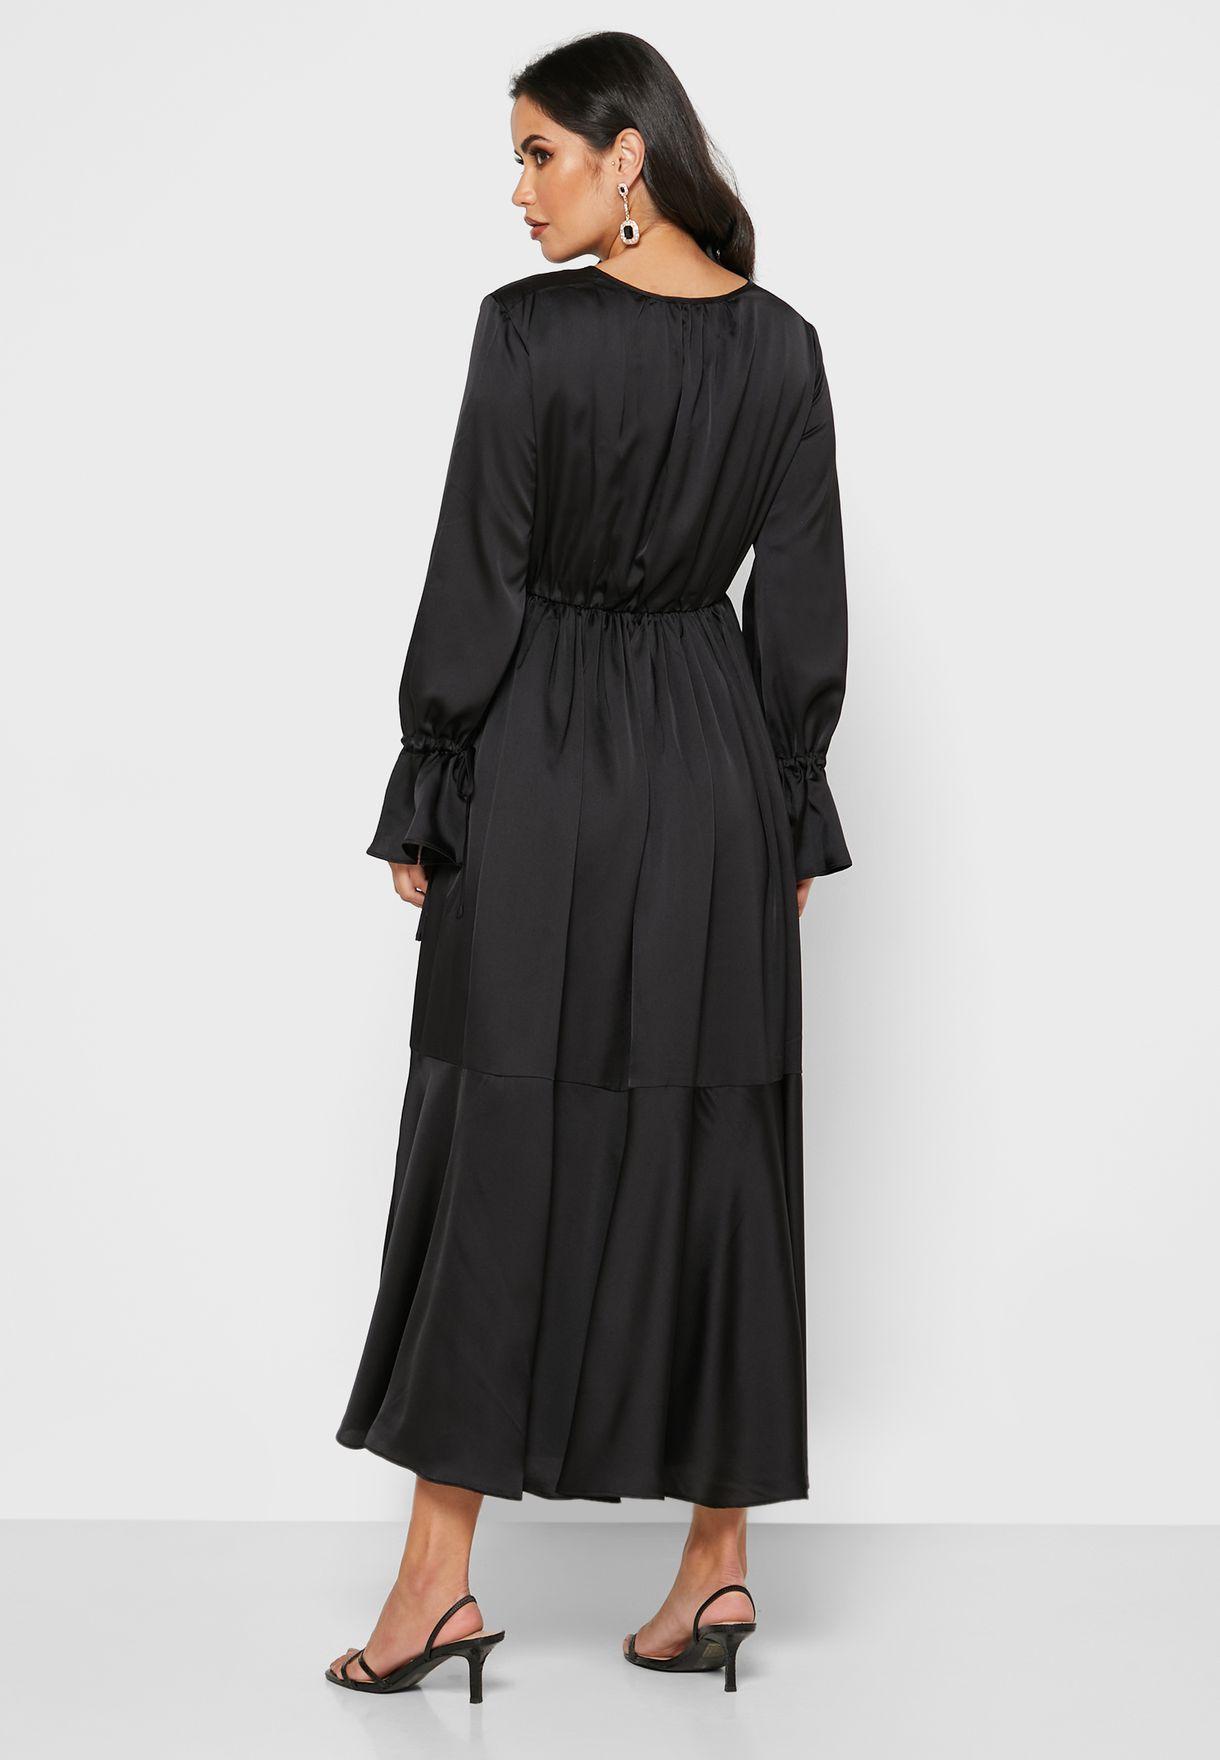 Tie Neck Ruffle Trim Midi Dress